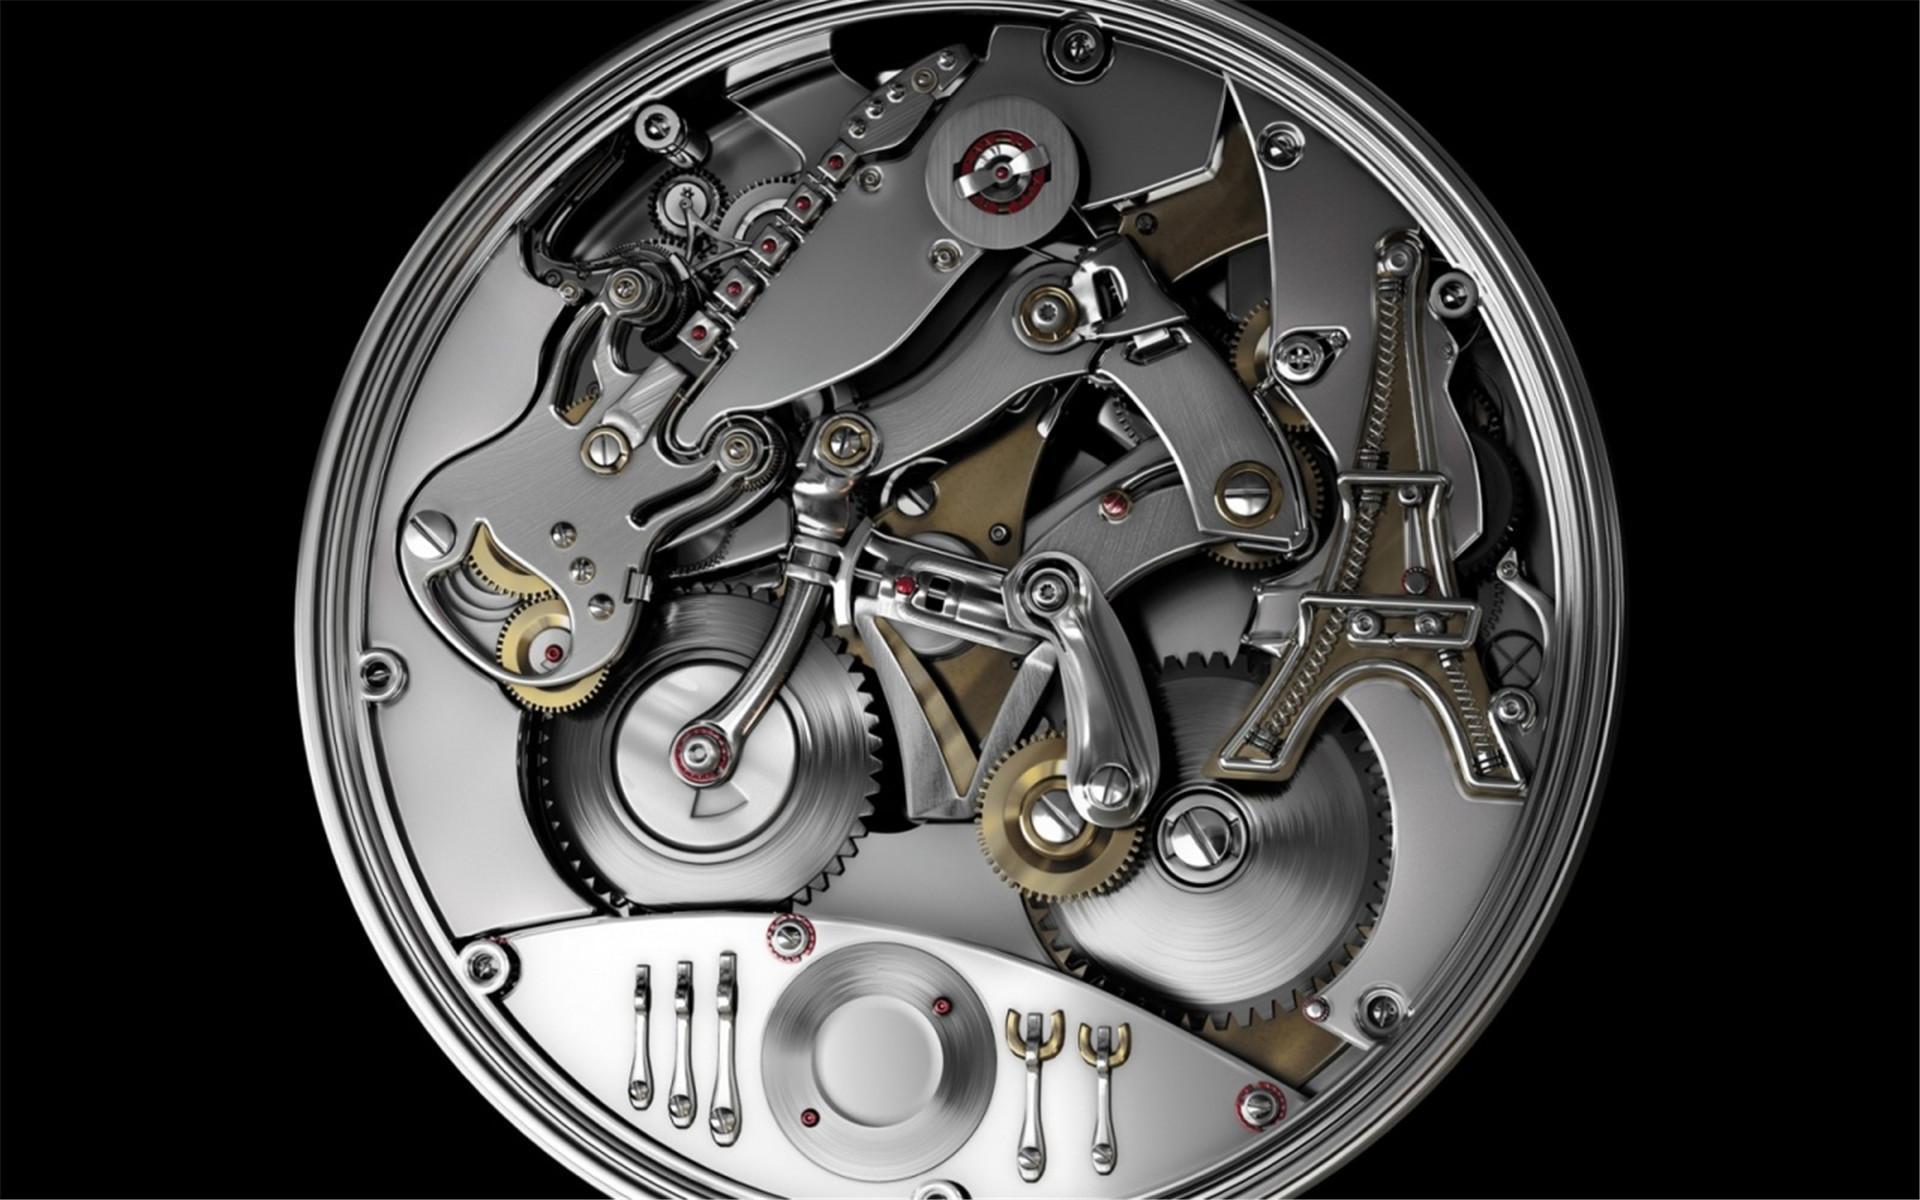 不妨有两,三只表在日常生活中替换:静态活动时配戴机械表,从事运动时